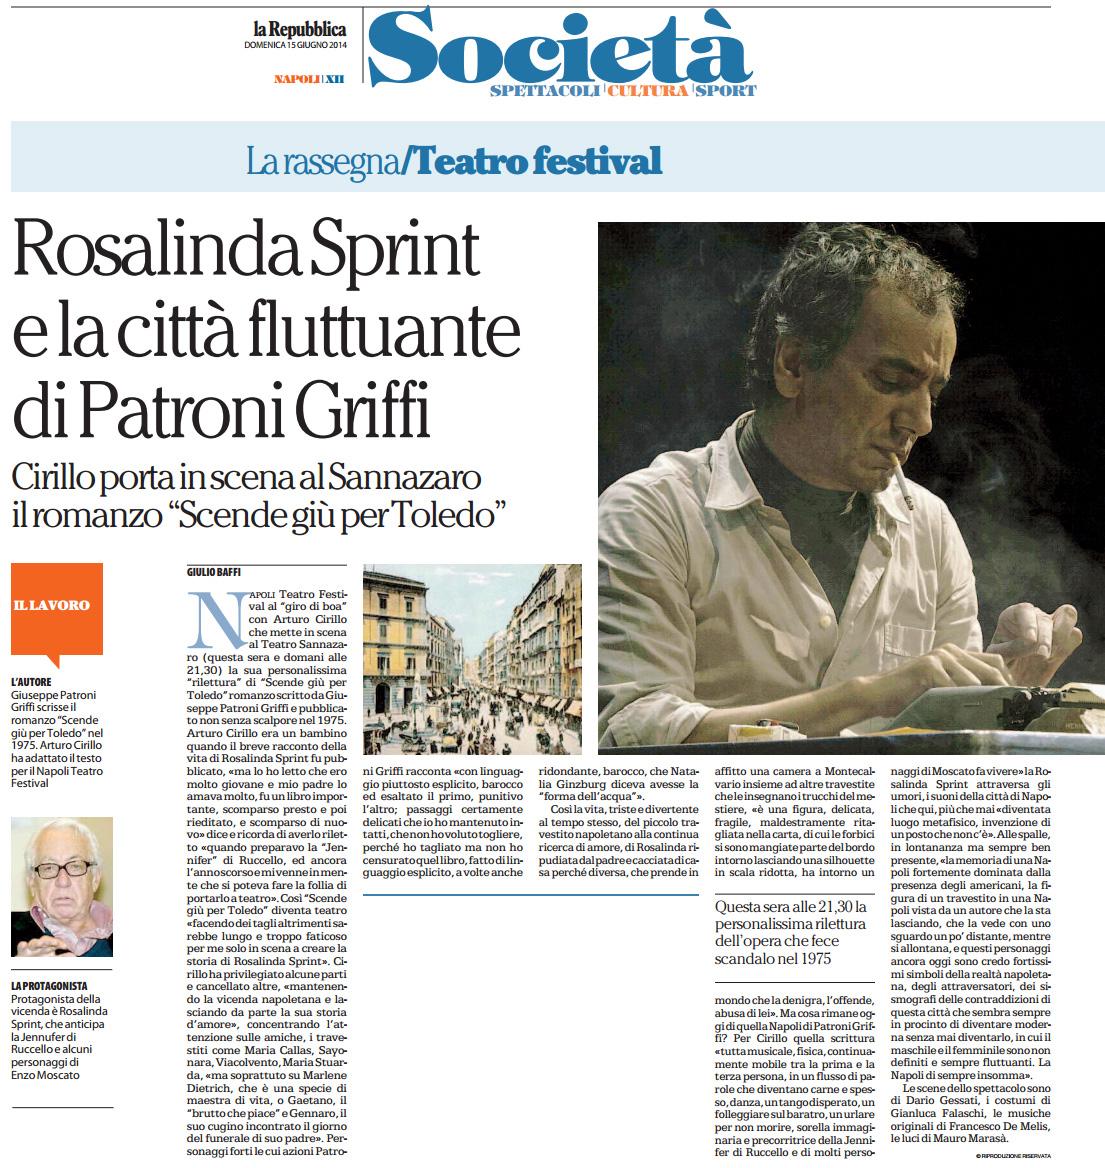 2014.06.15 Rosalinda Sprint e la città fluttuante di Patroni Griffi - La Repubblica